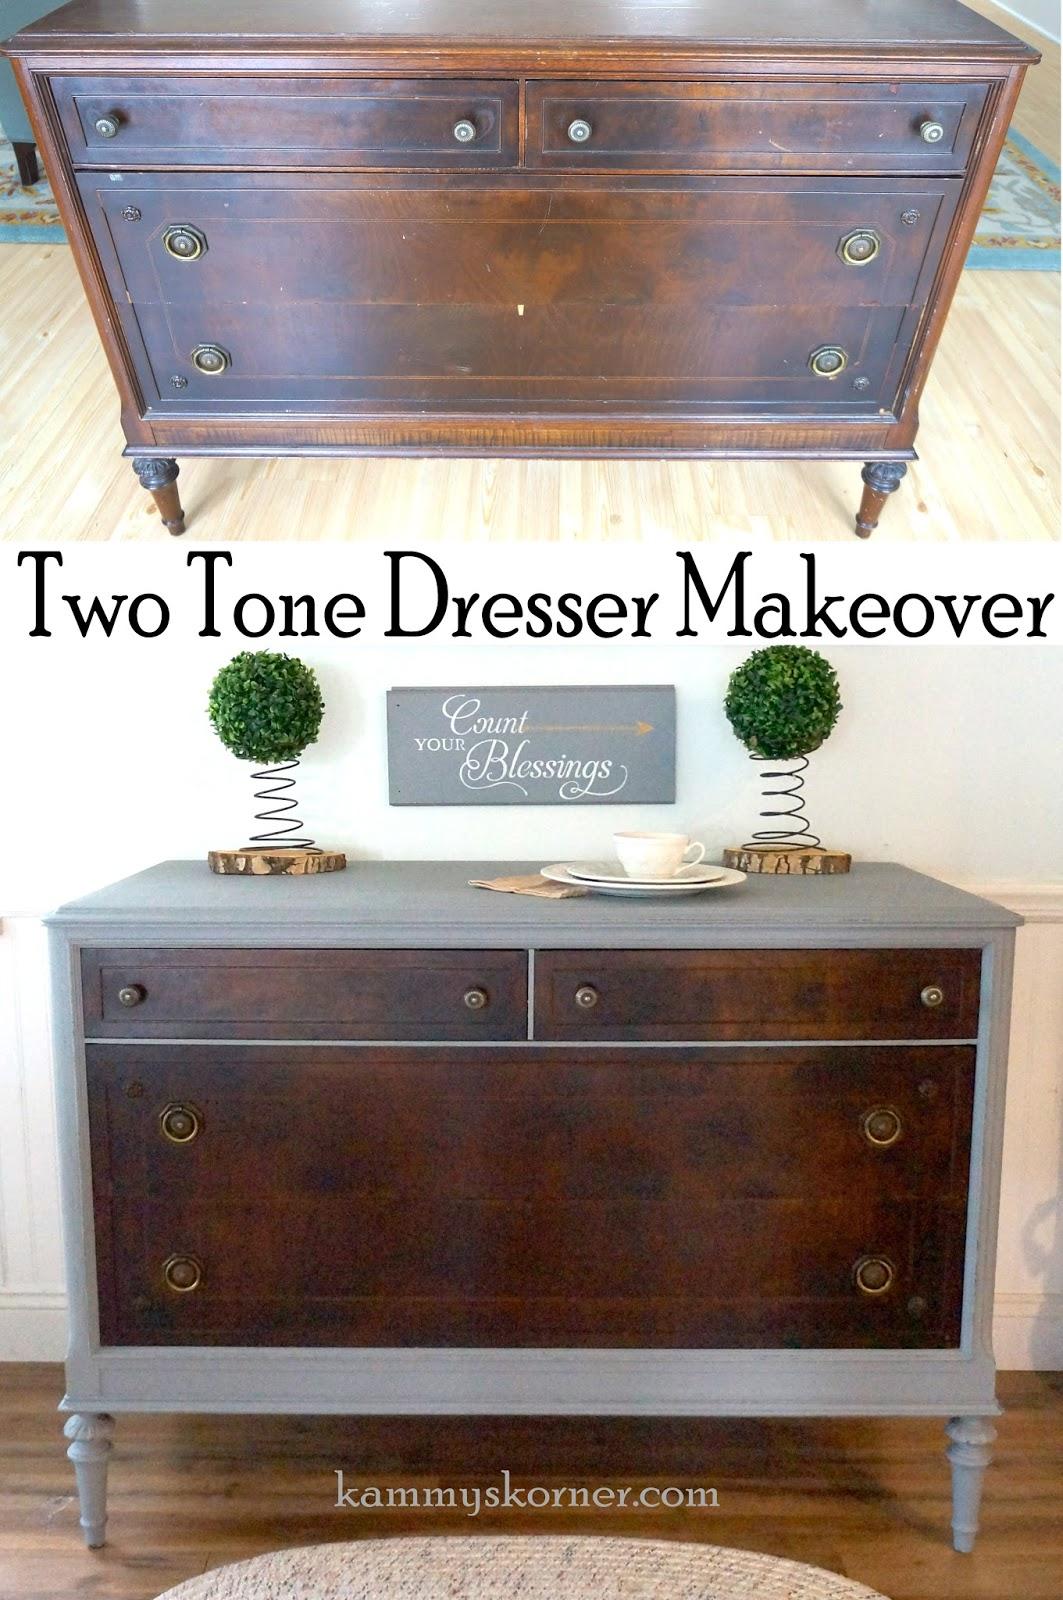 Kammy S Korner I Tried Car Wax On A Painted Dresser Makeover